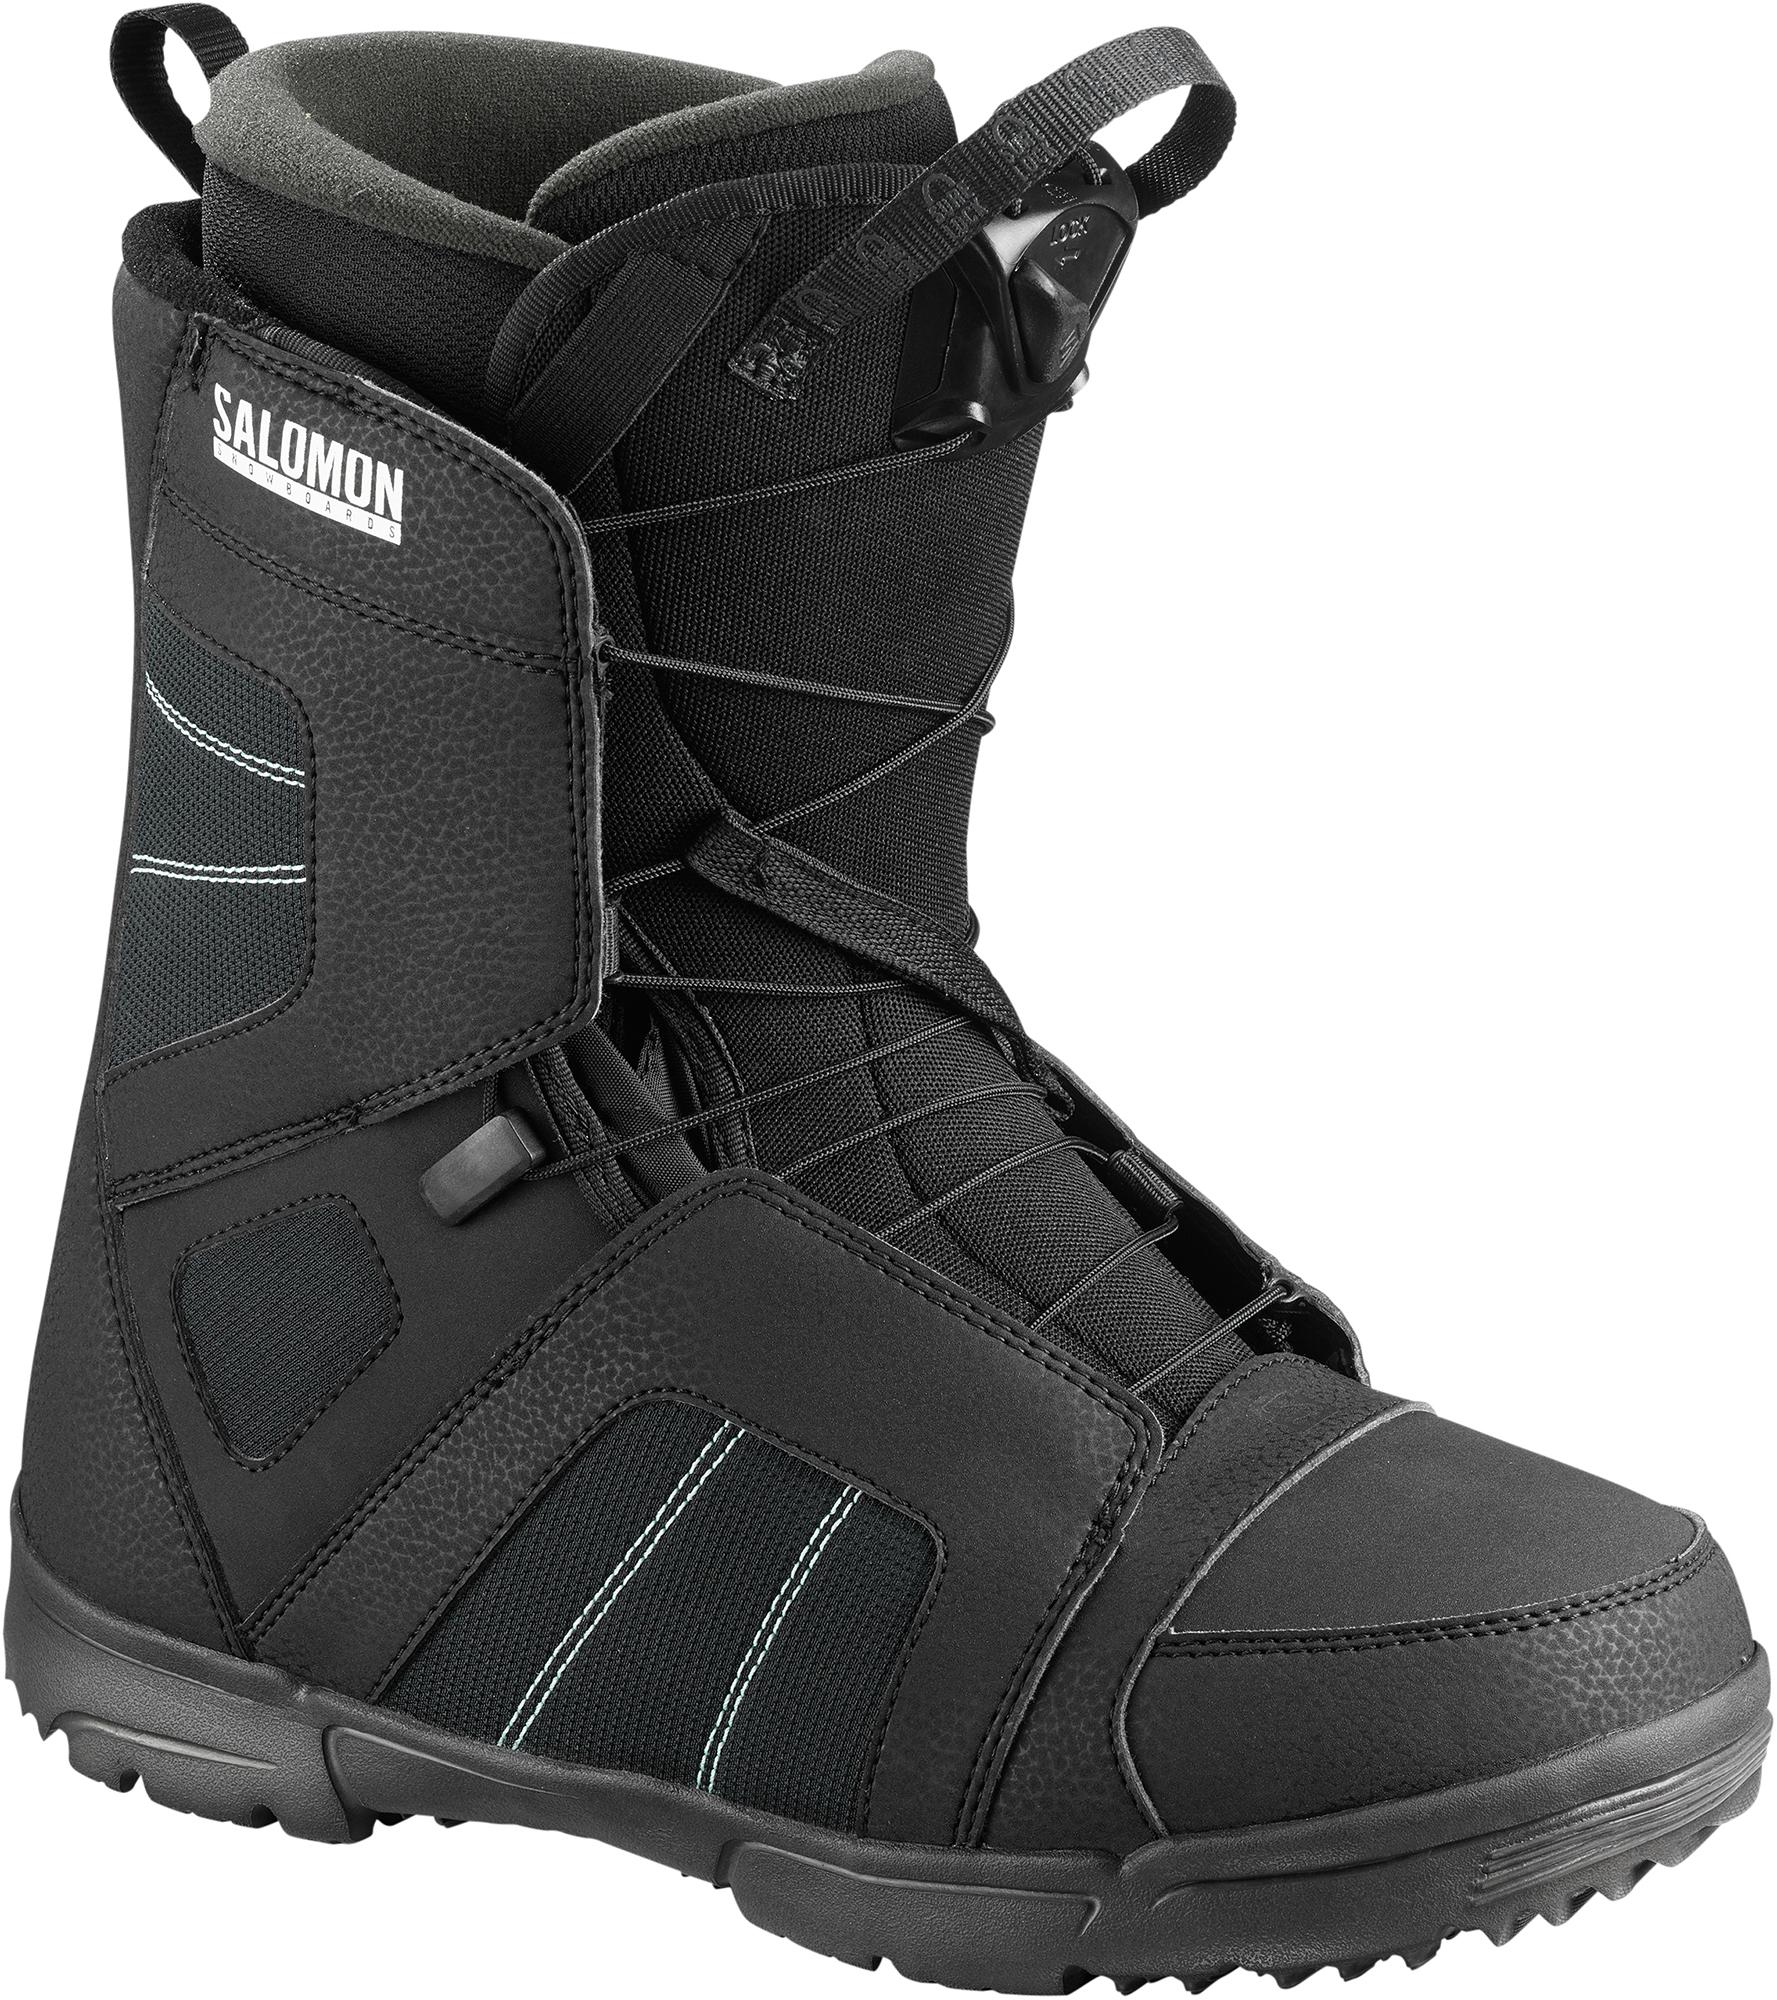 все цены на Salomon Сноубордические ботинки Salomon Titan, размер 43,5